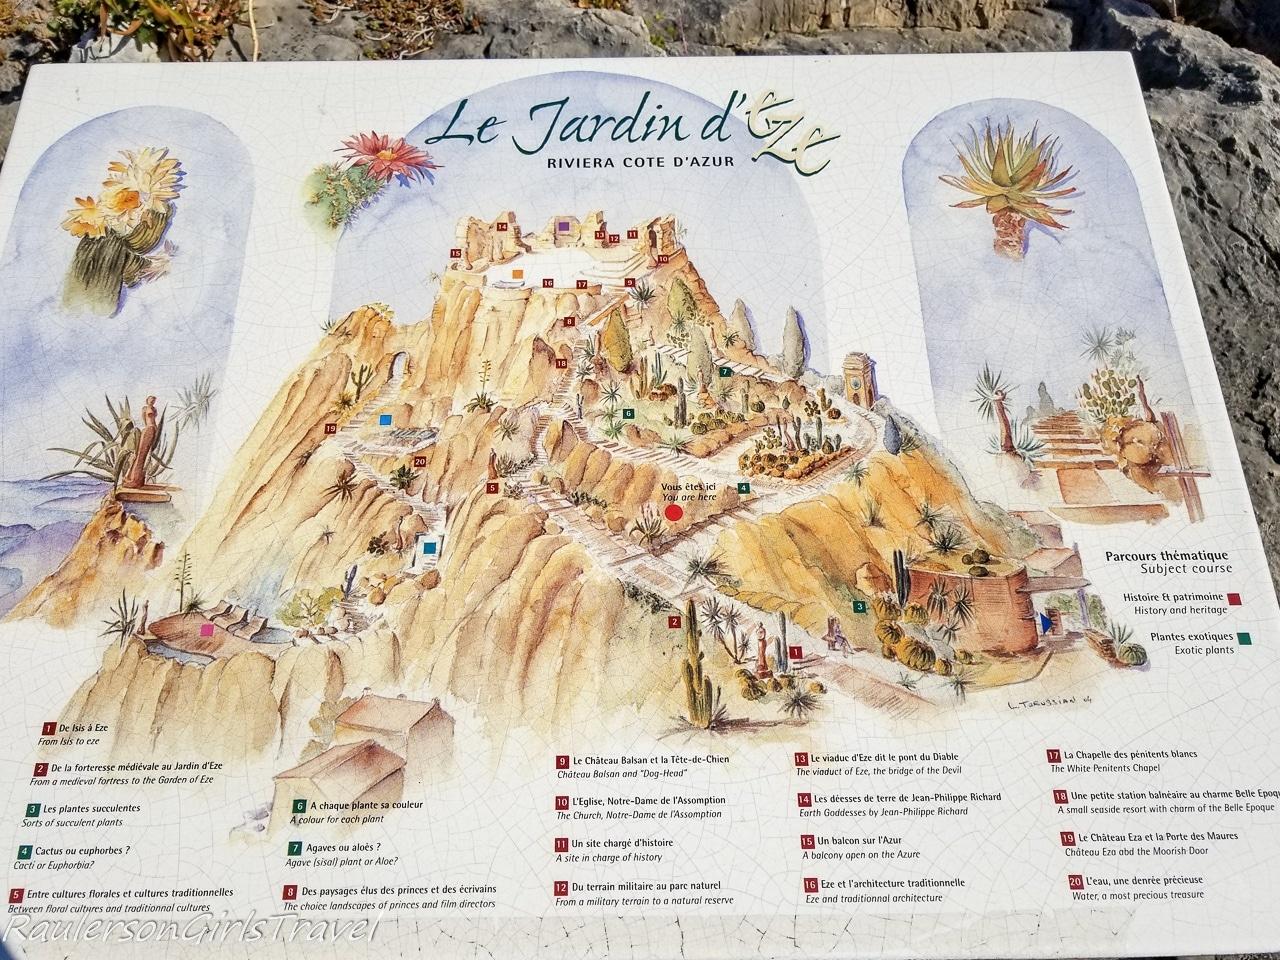 Le Jardin d'Èze map